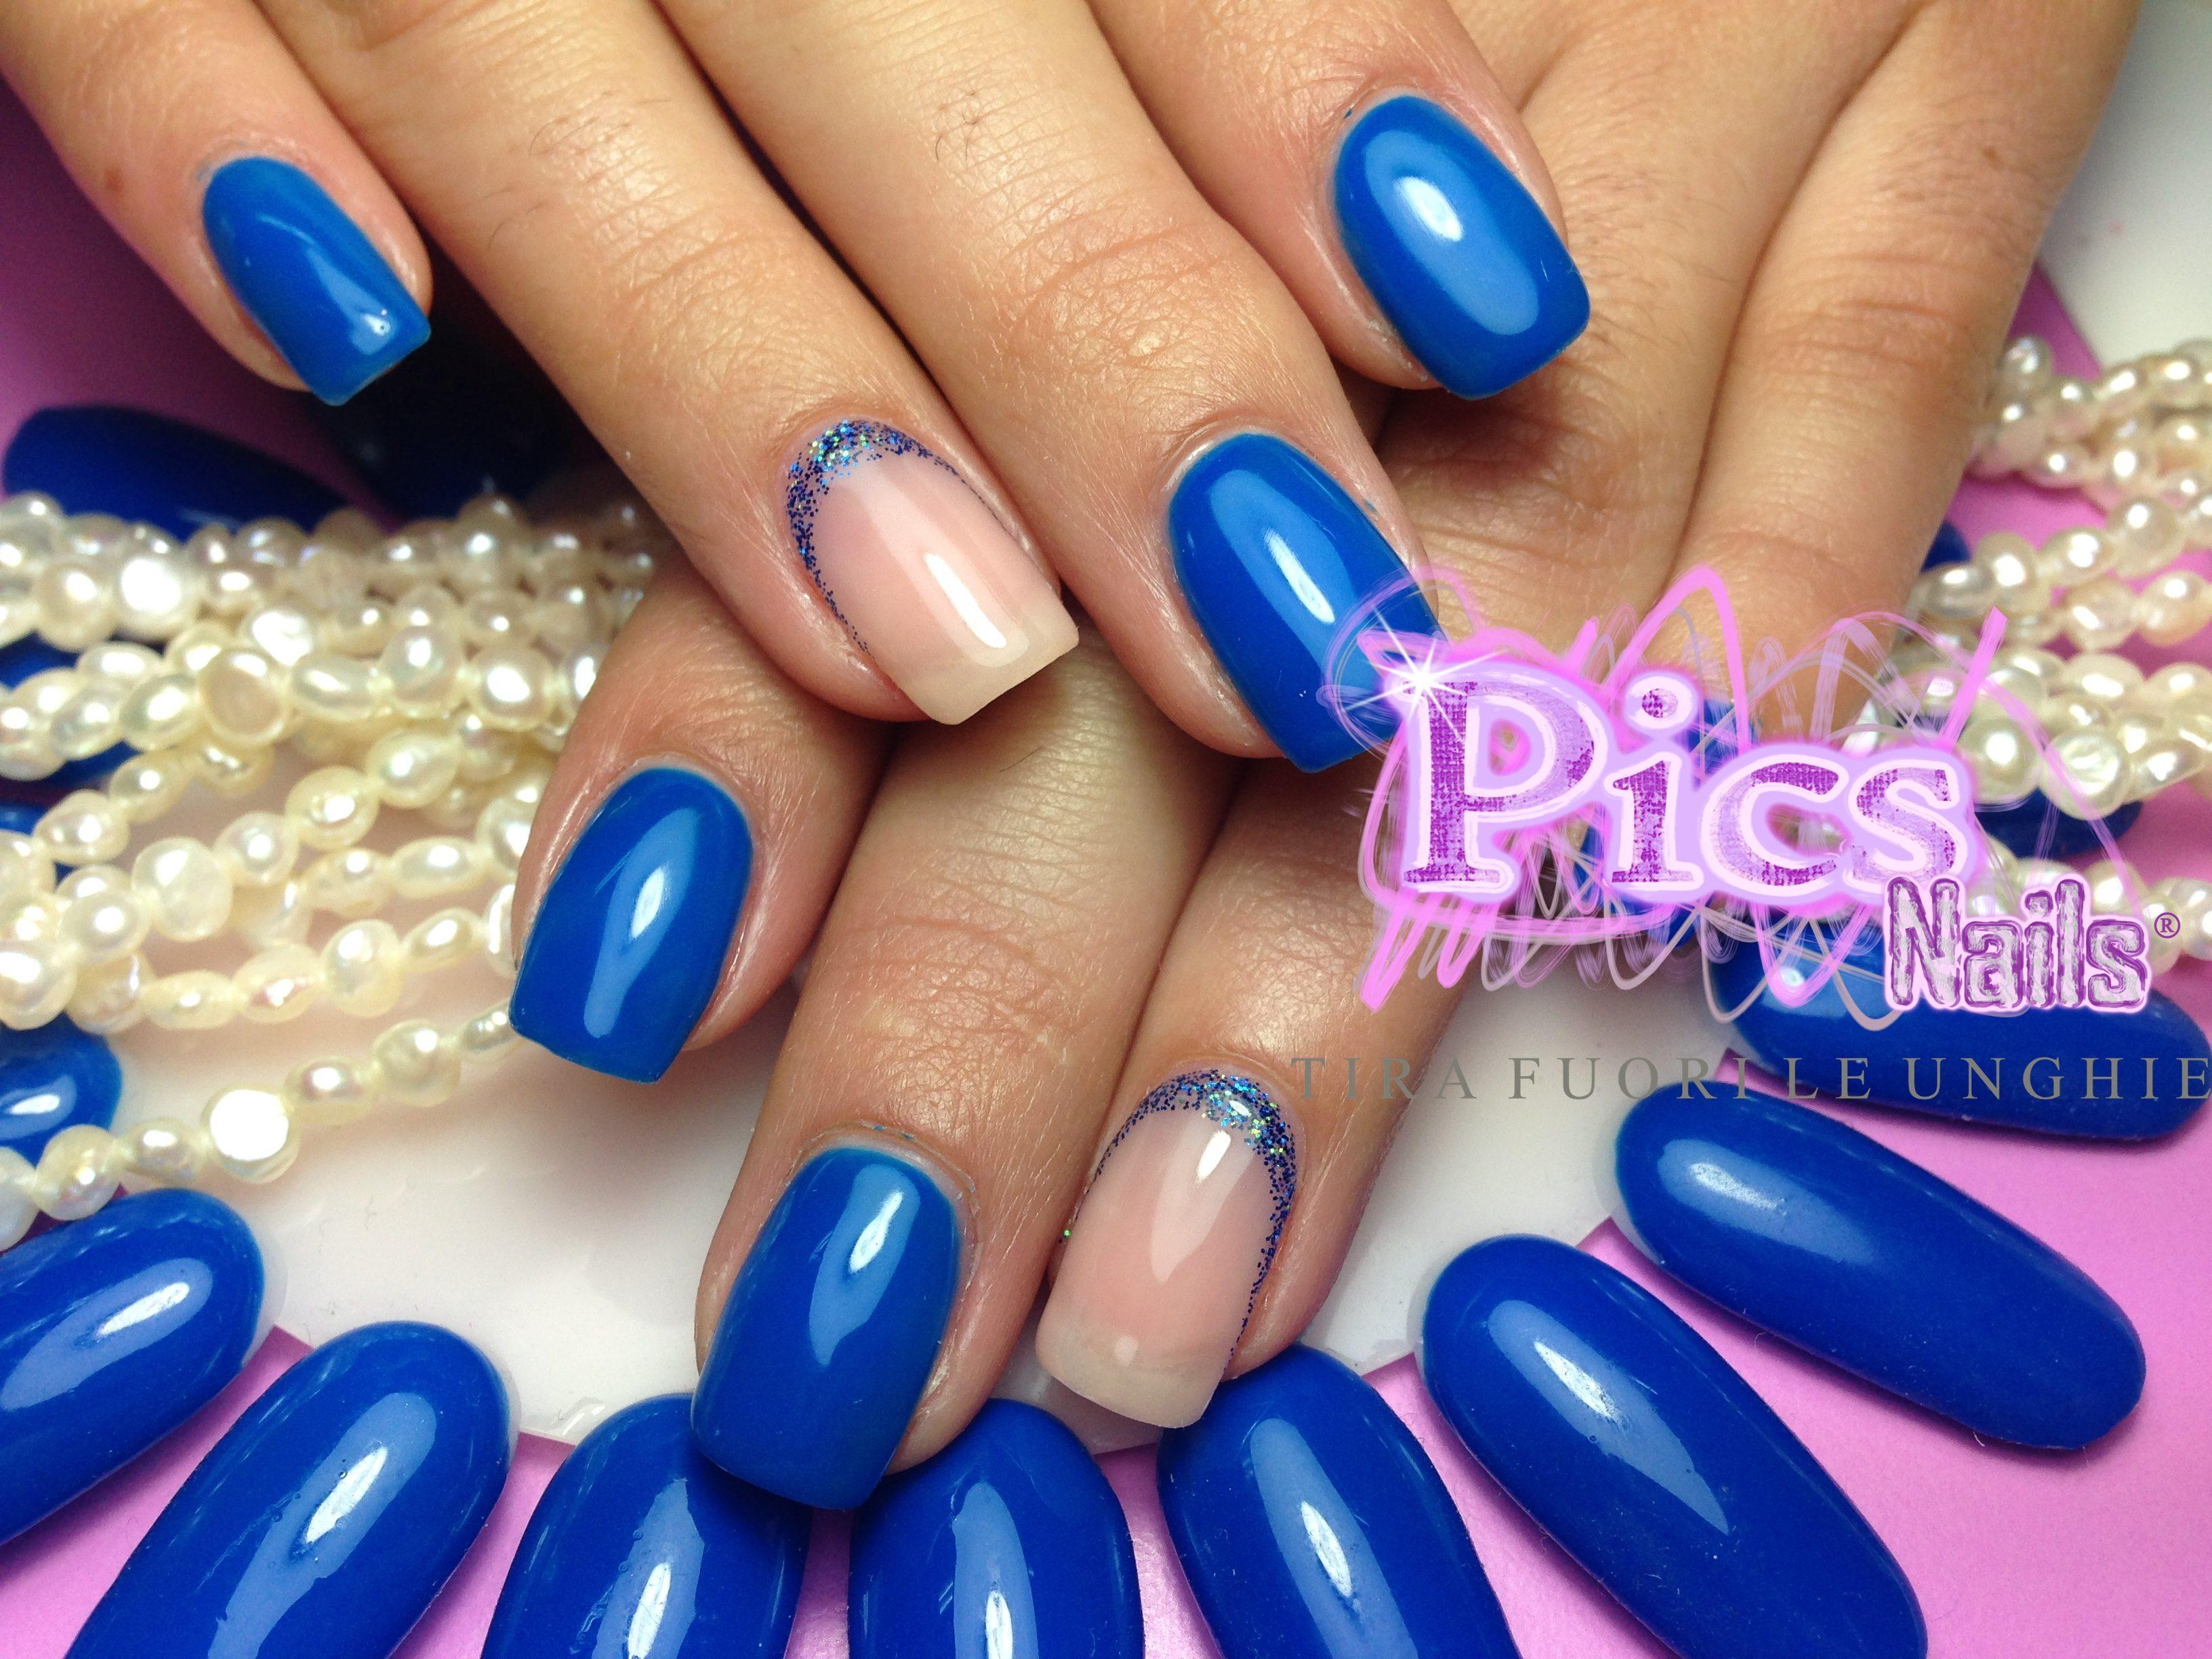 Ricostruzione unghie guspini pics nails